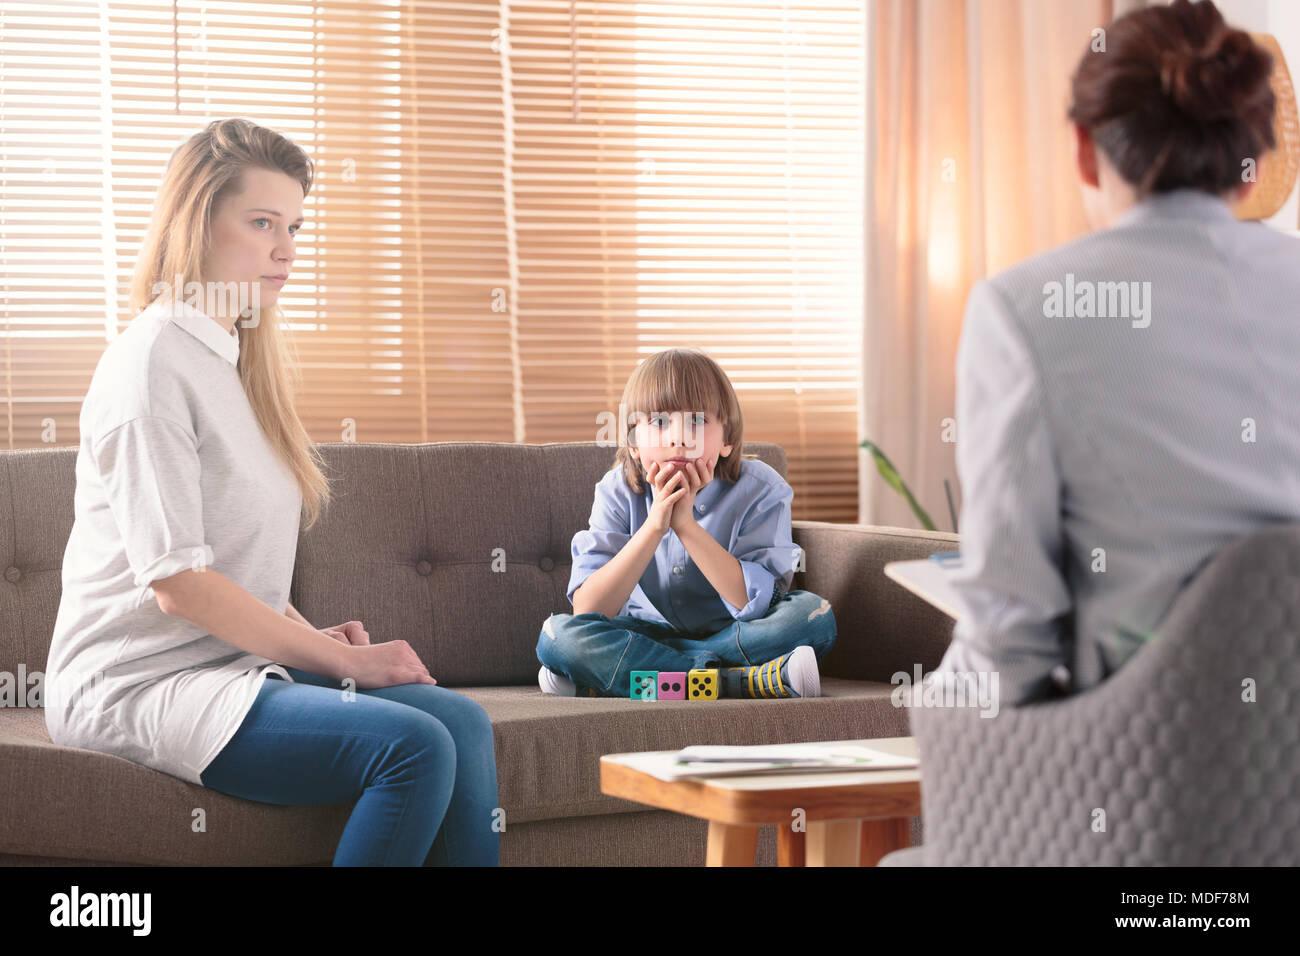 Junge mit Autismus und seine Sorgen Mutter während der Konsultation mit Therapeuten Stockfoto